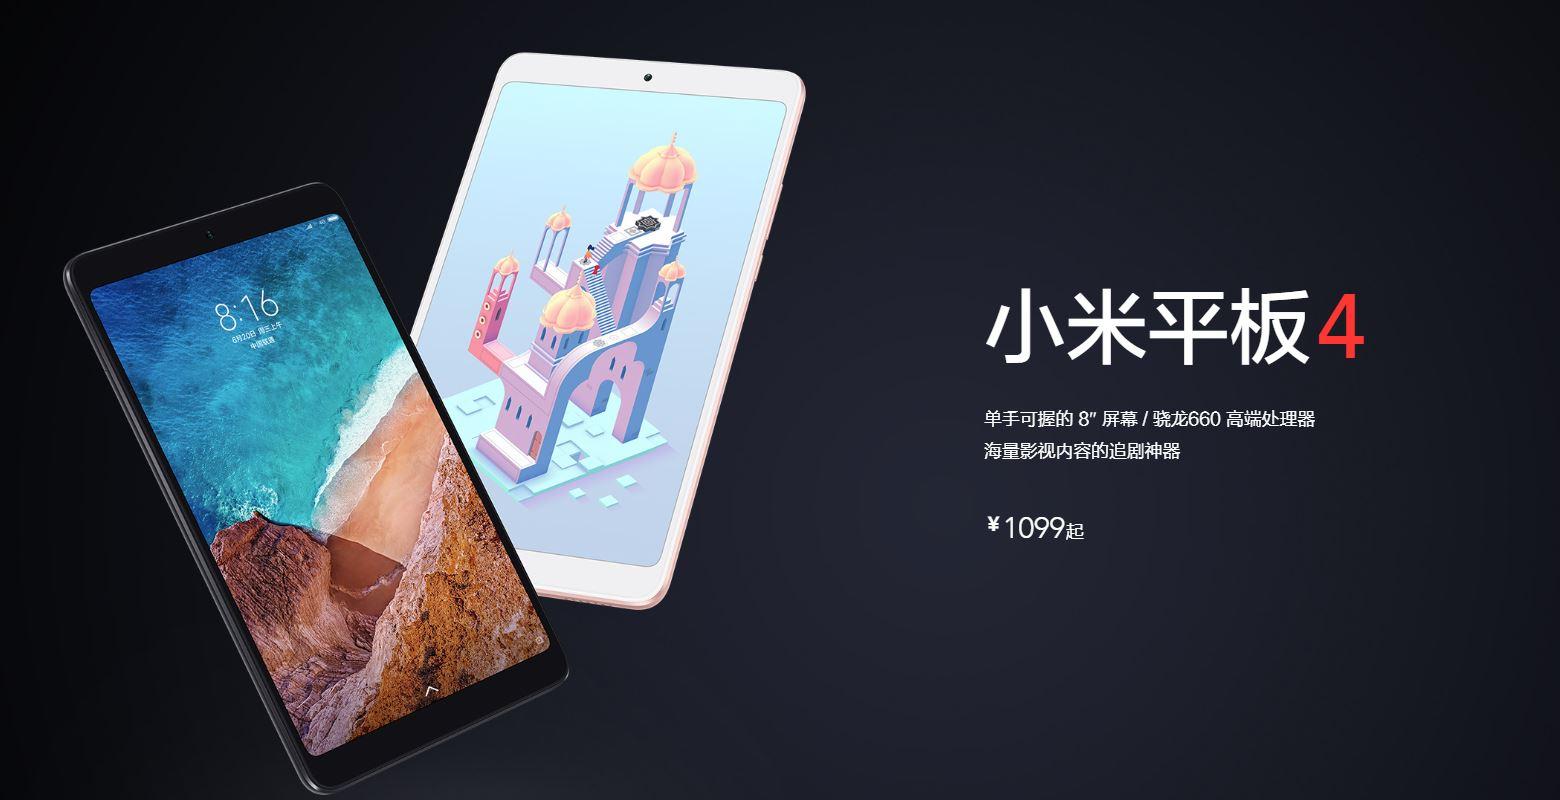 Xiaomiが8インチの超低価格タブレット「Mi Pad 4」を発表